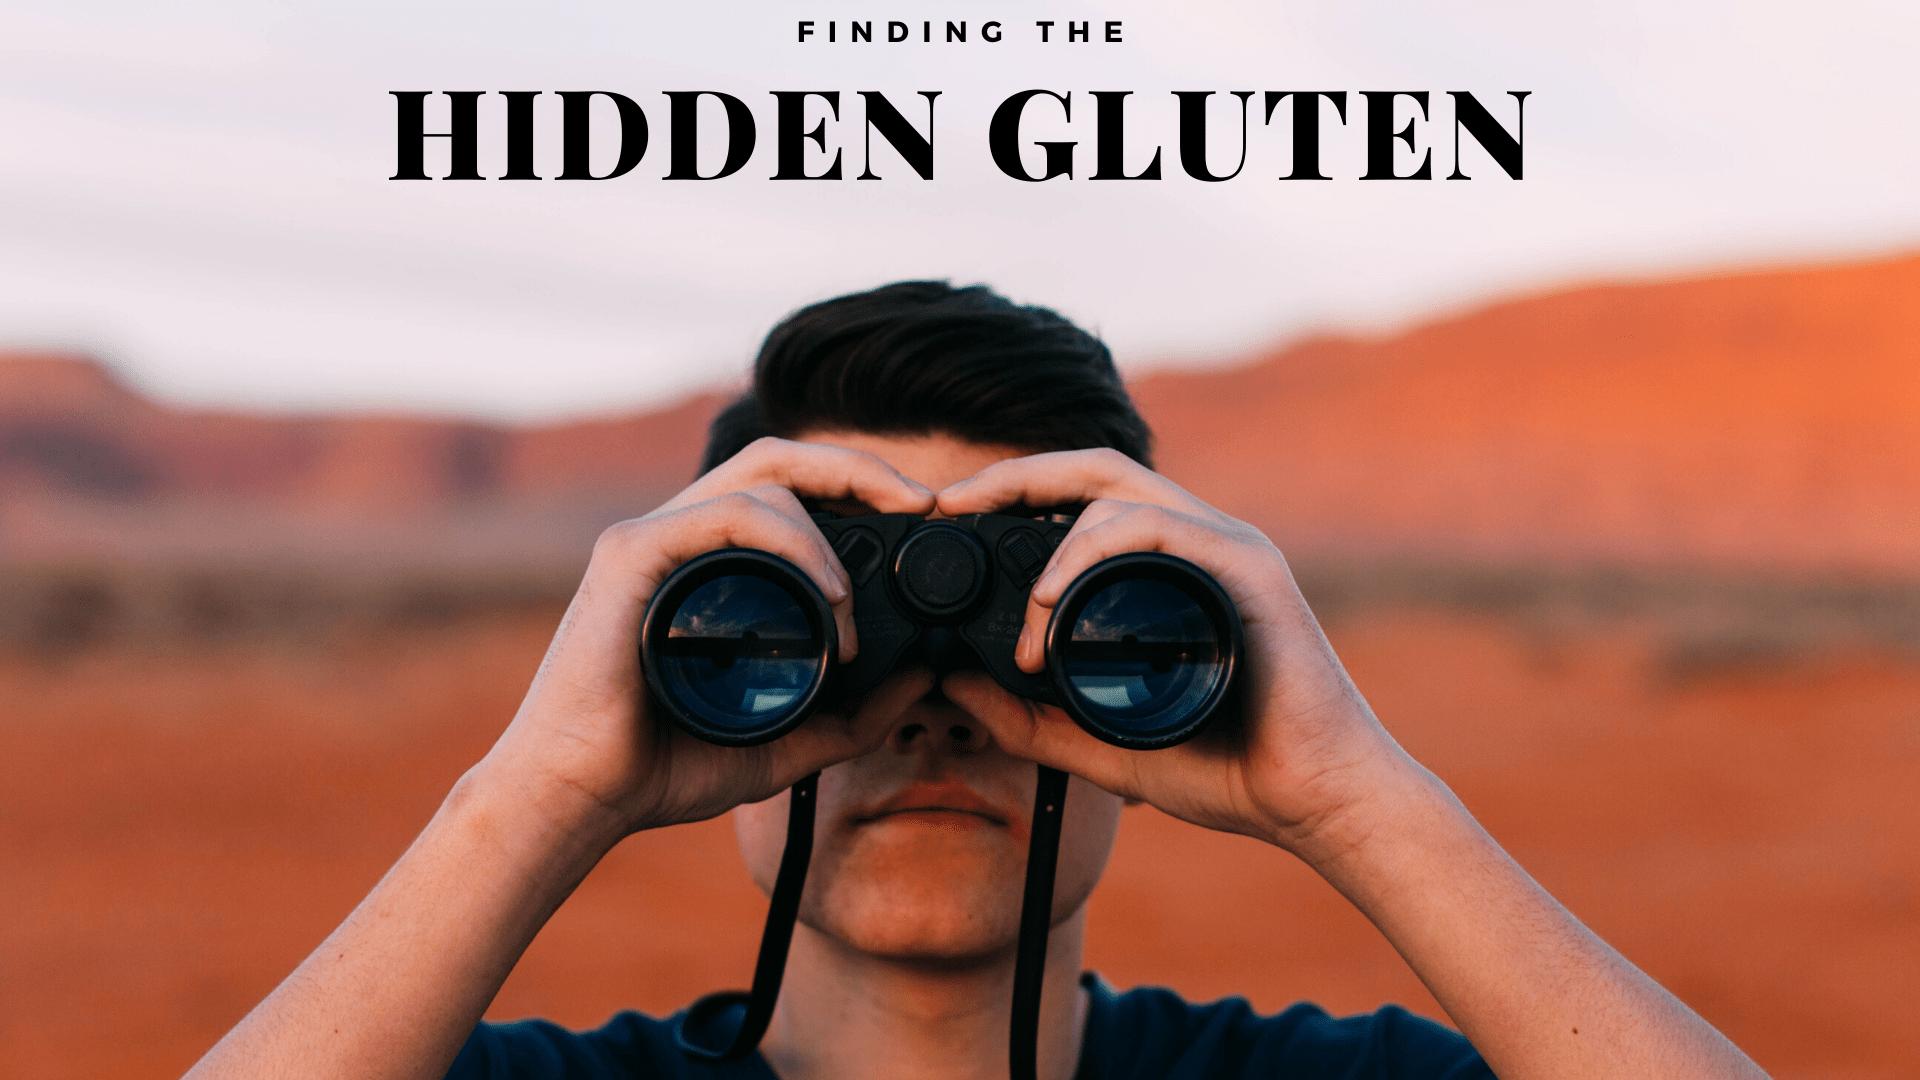 Finding the Hidden Gluten